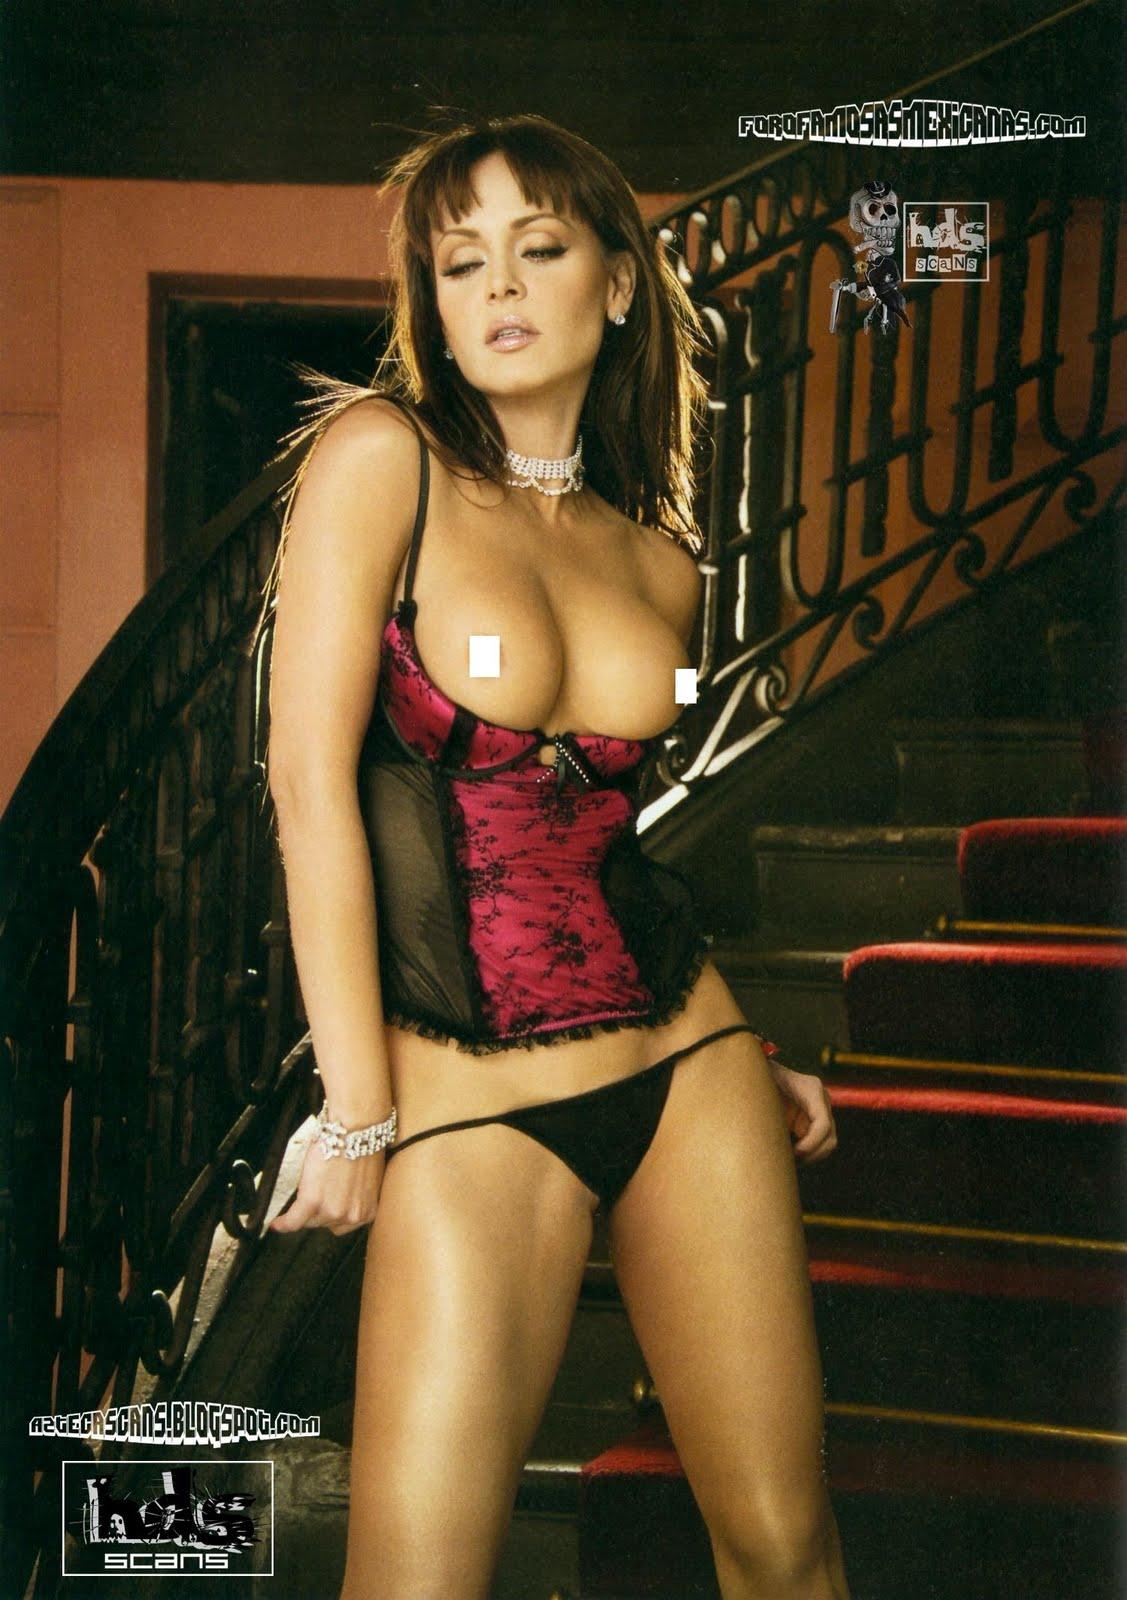 Gabriela gonzalez mexicana caliente de skype 2